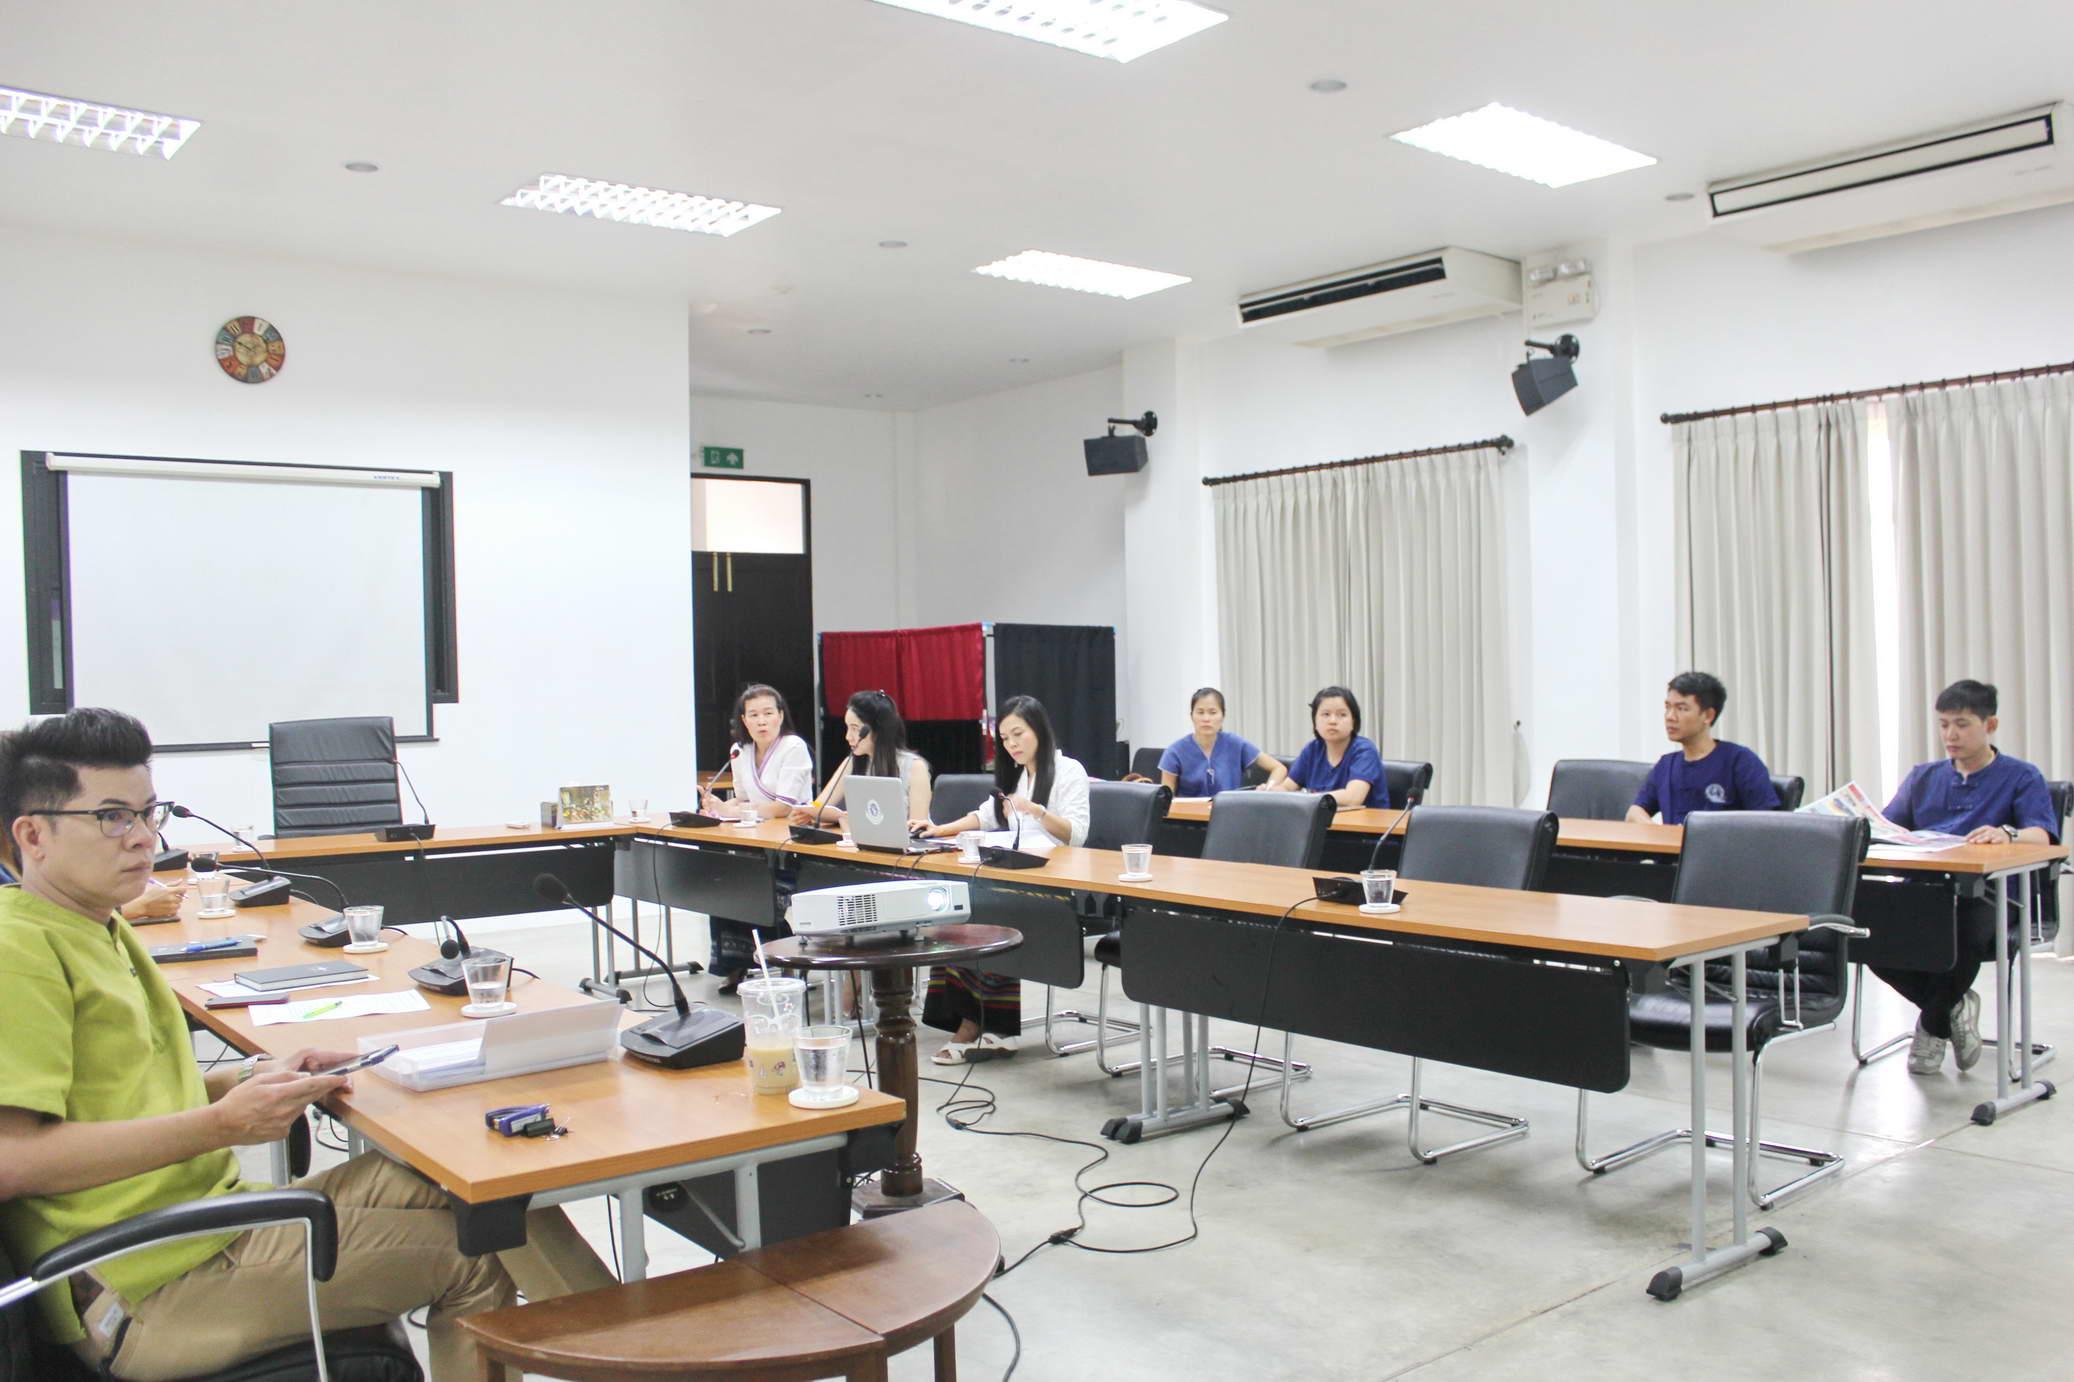 การรับฟังสรุปผลการตรวจสอบ สำนักส่งเสริมศิลปวัฒนธรรม ประจำปี 2561